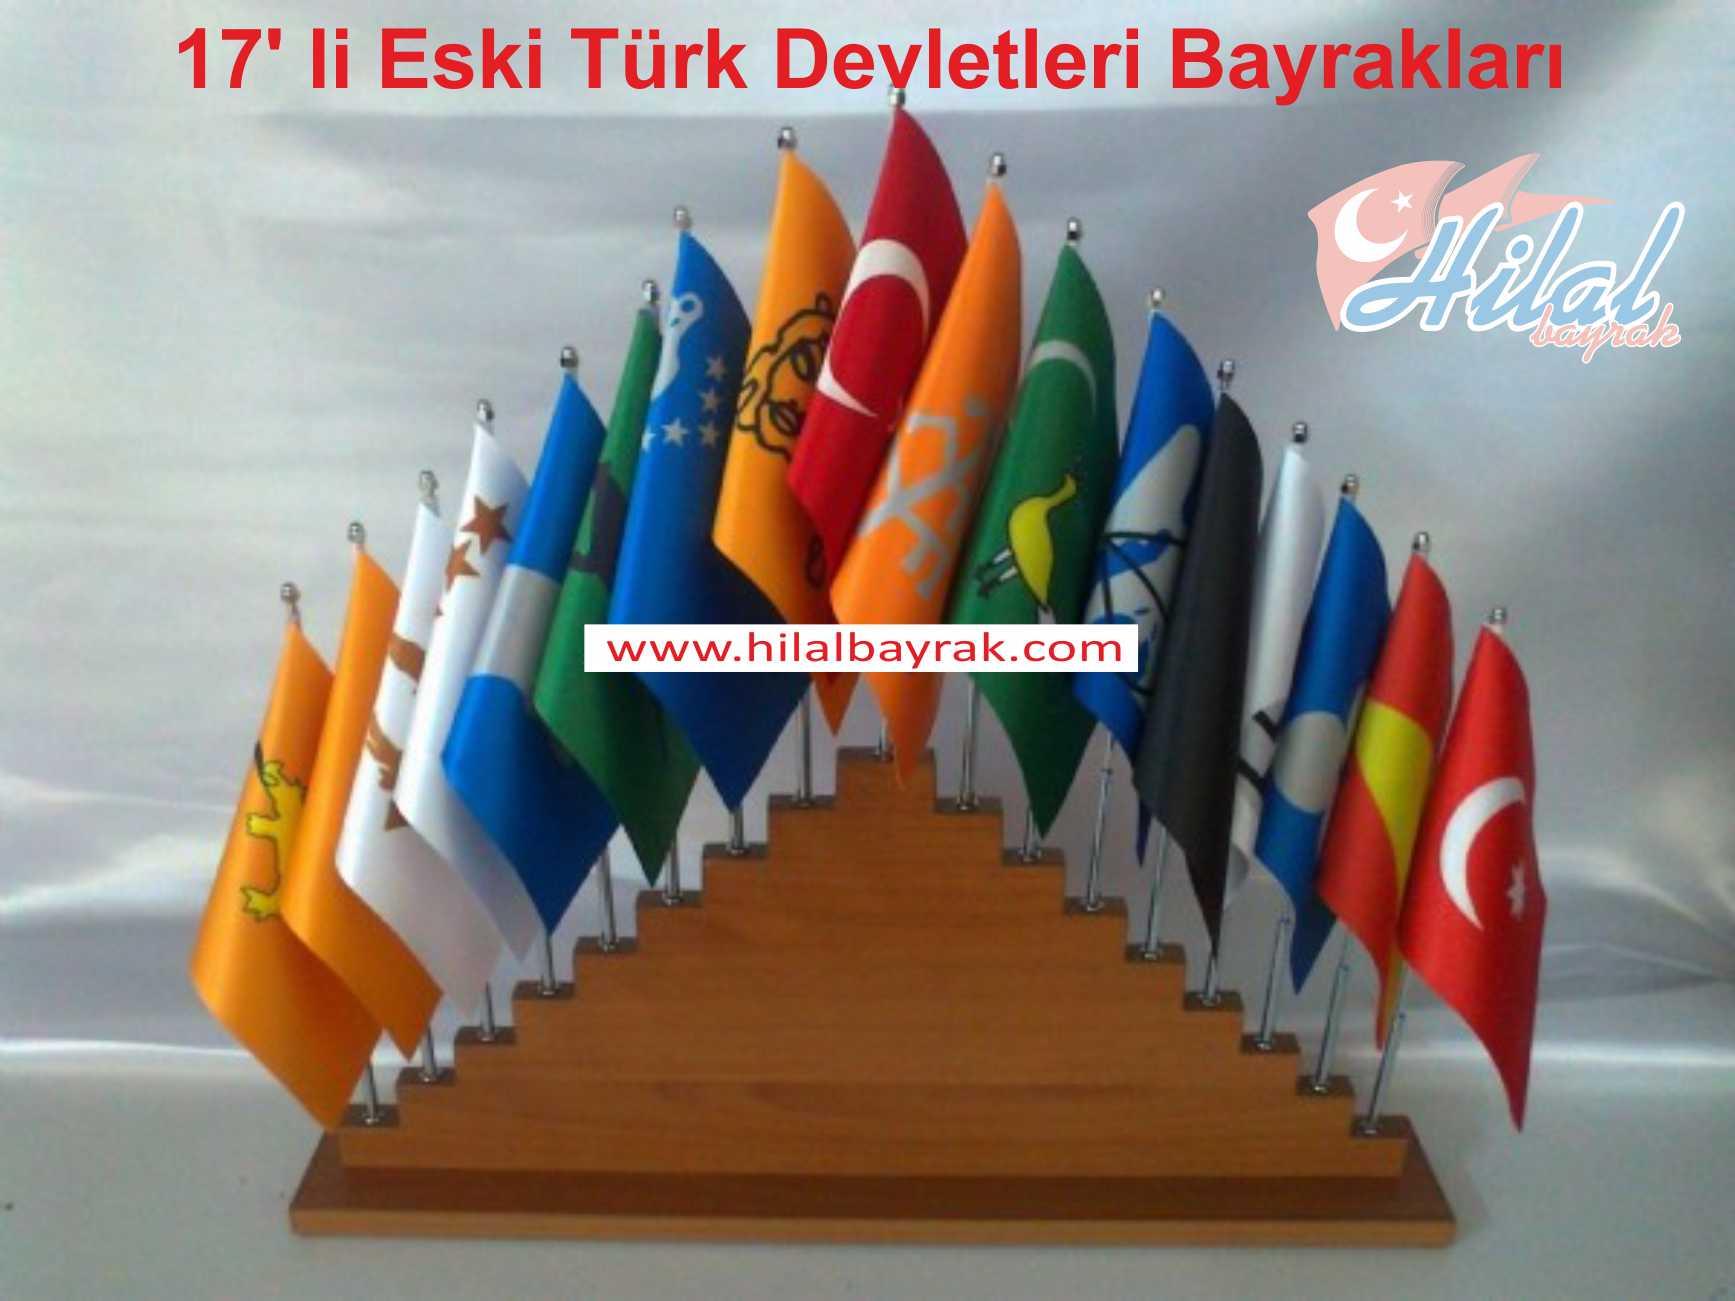 Masa Bayrağı Direk Çeşitleri,Tekli Masa Bayrağı Direği,Masa Bayrak, İmalatı, masa bayrağı, Kadıköy İstanbul , masa bayrak ümraniye, masa bayrak, gönder masa bayrak Ümraniye, Masa Gönder Bayrak, masa bayrak imalatı, masa bayrağı, masa bayrakları, masa bayrak satışı 7.24 SAAT AÇIK HİZMET